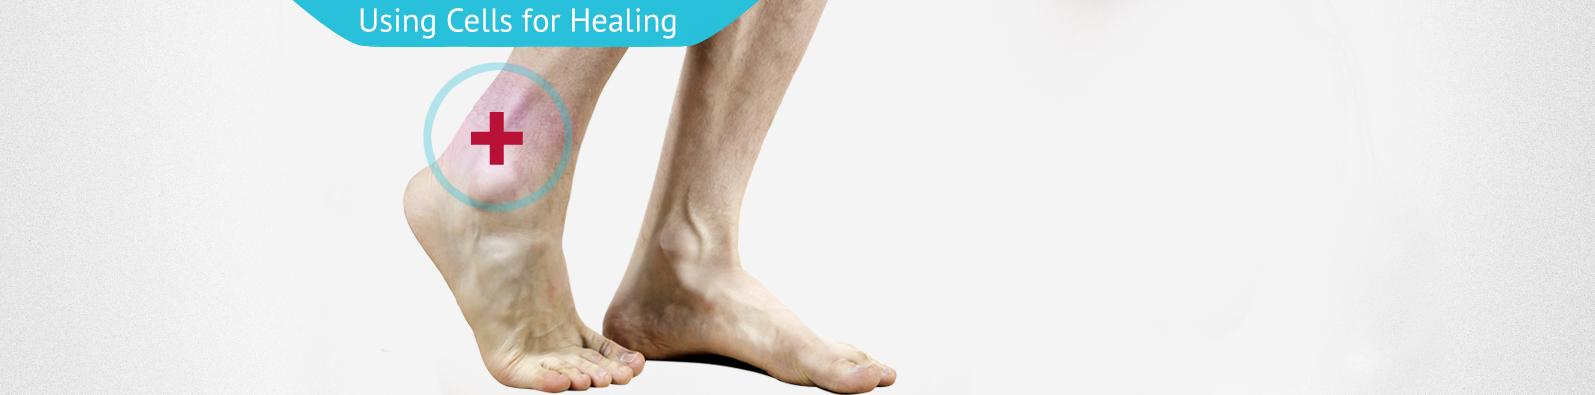 Replicel-tendon-repair3